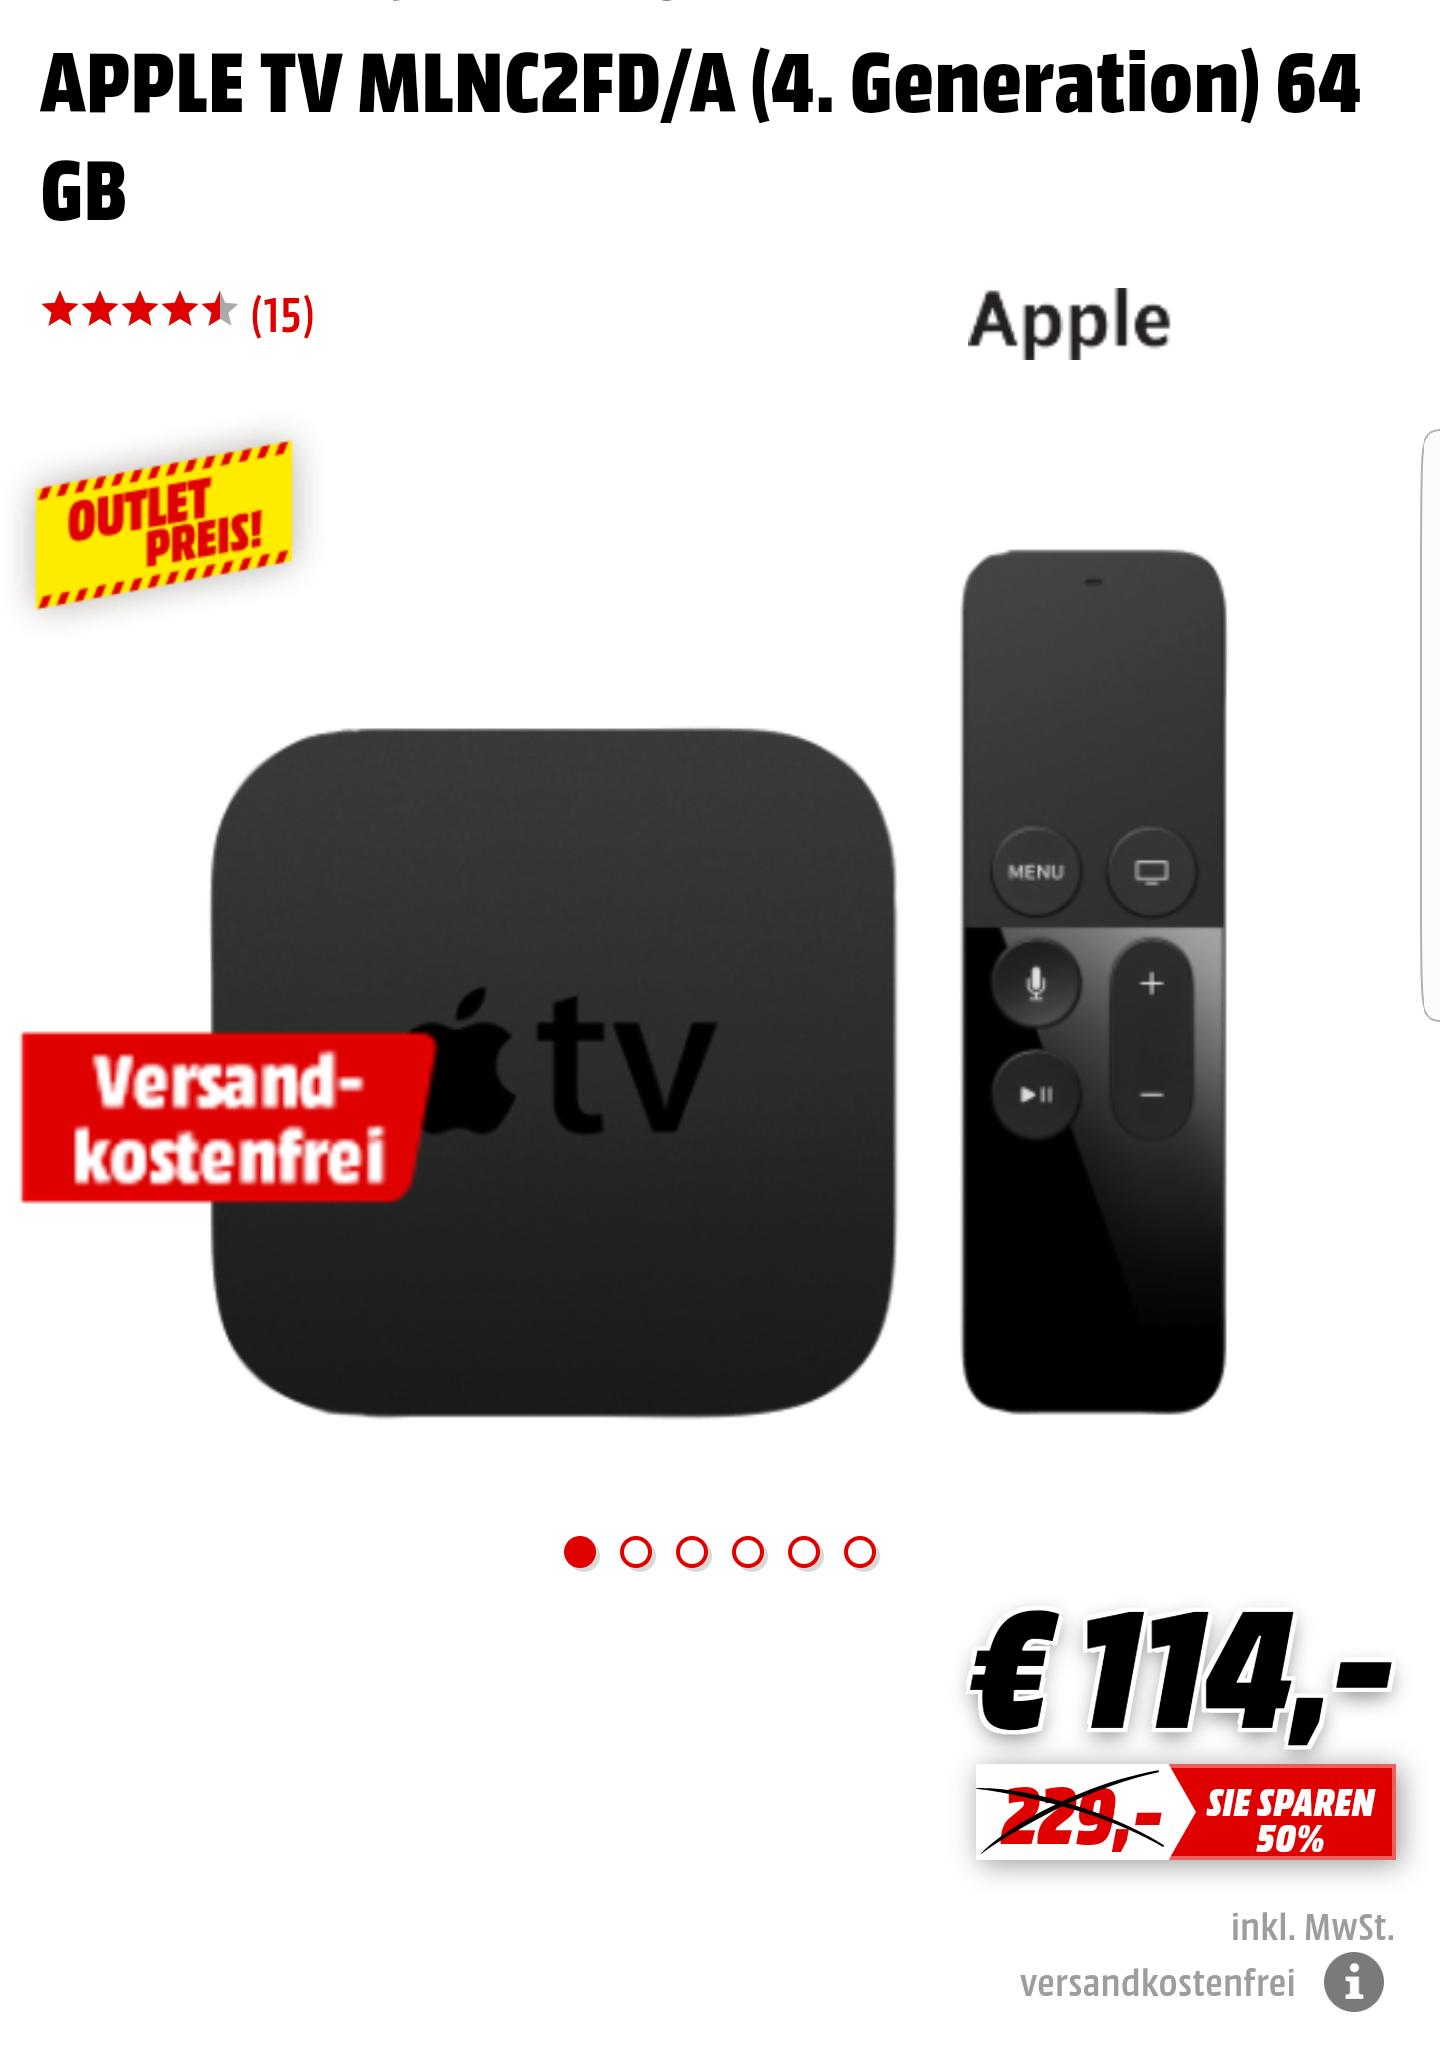 Apple TV (4. Generation) 64 GB schwarz mit Siri Remote Fernbedienung für 114,-€ [Mediamarkt.de]